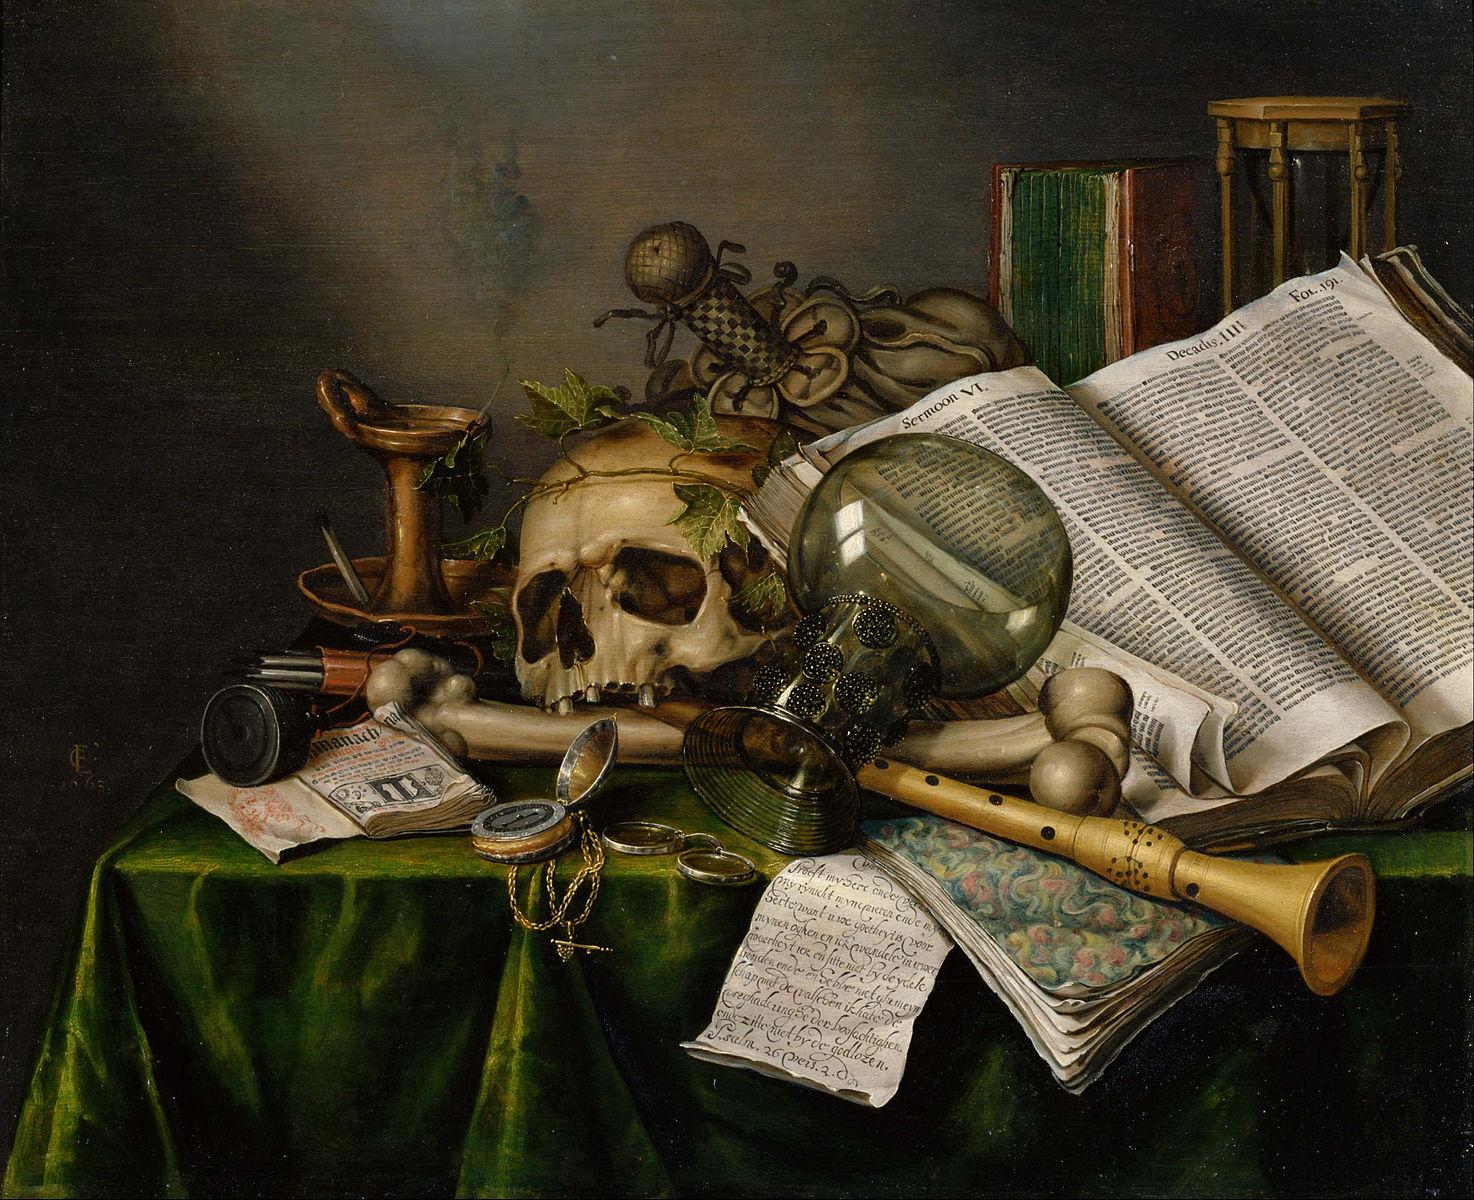 Le tableau Vanitas, nature morte de Evert Collier (1663) dépeint une montre aux côtés d'autres symboles du temps qui s'écoule